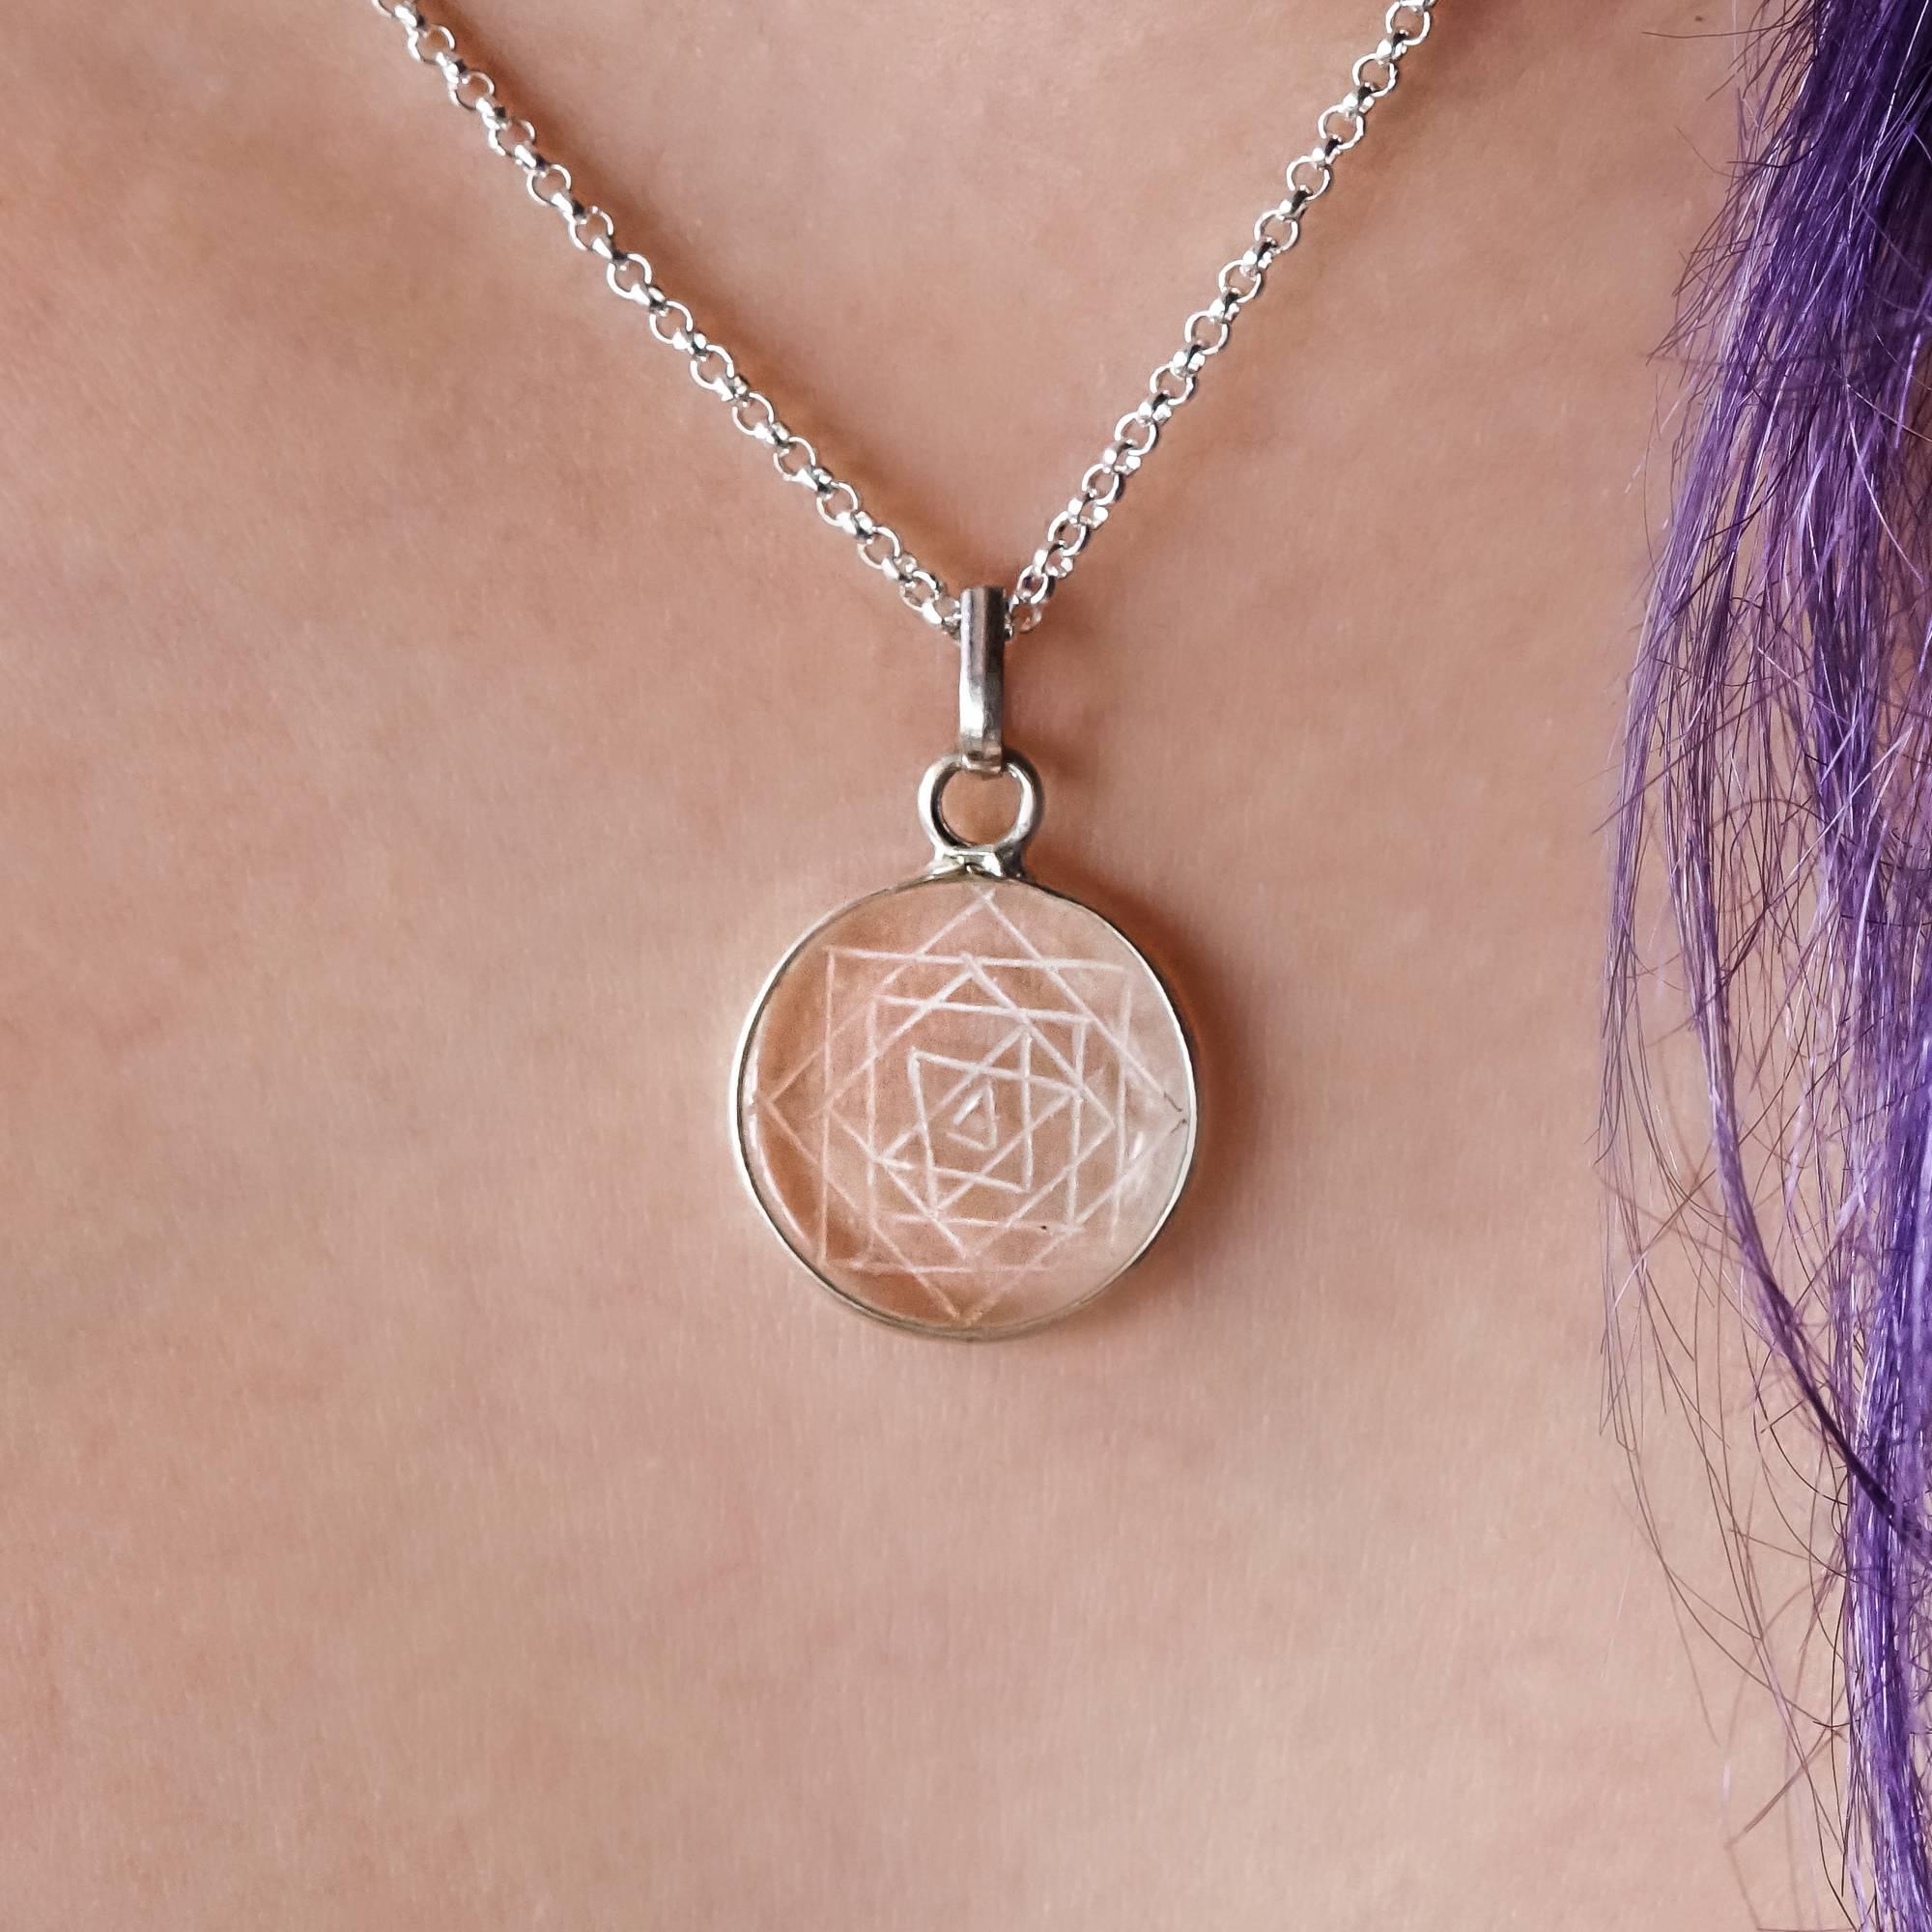 clear quartz intuitive pendants